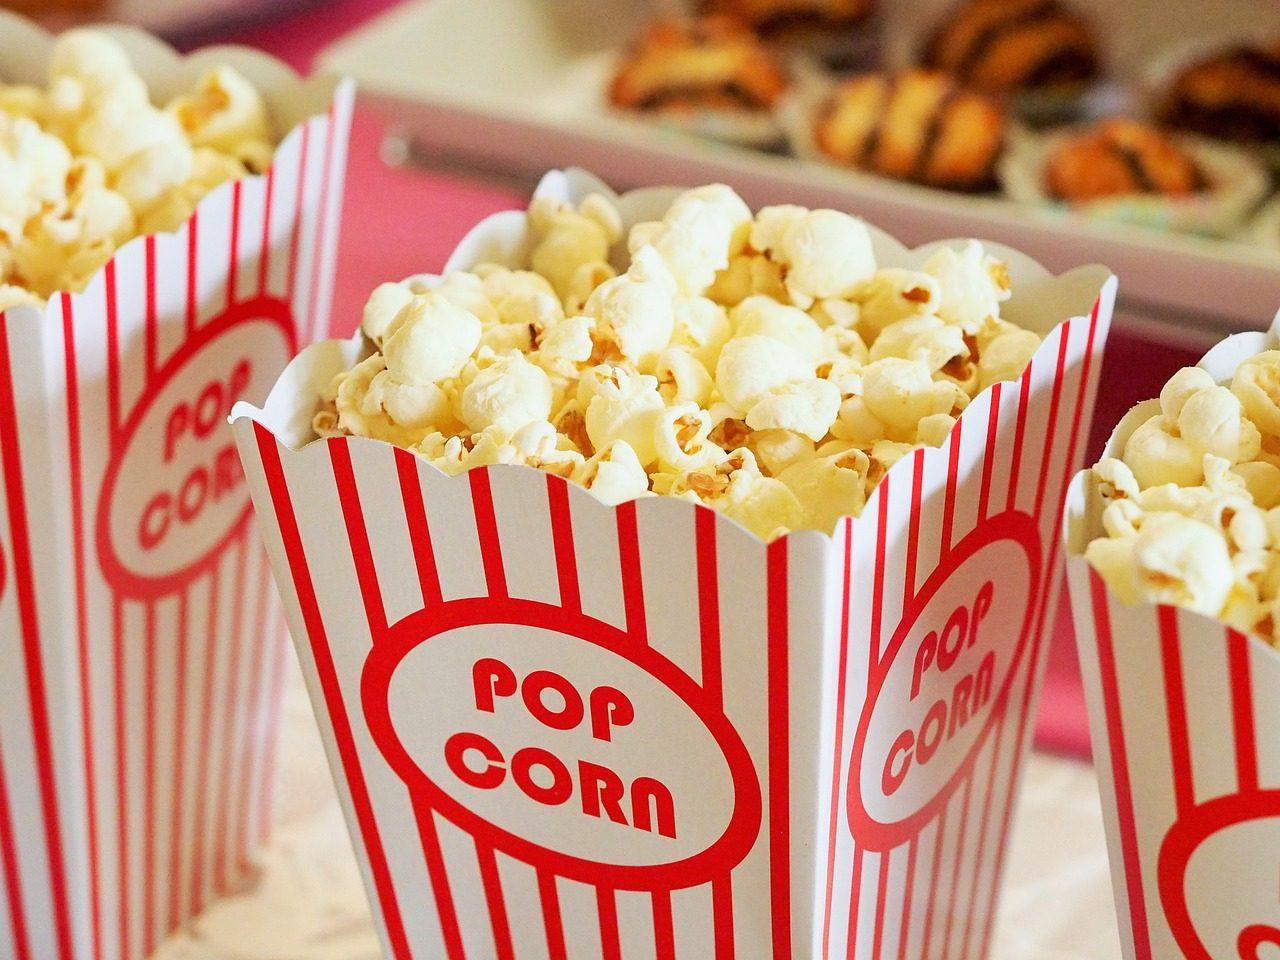 popcorn-1085072_1280-1280x960.jpg